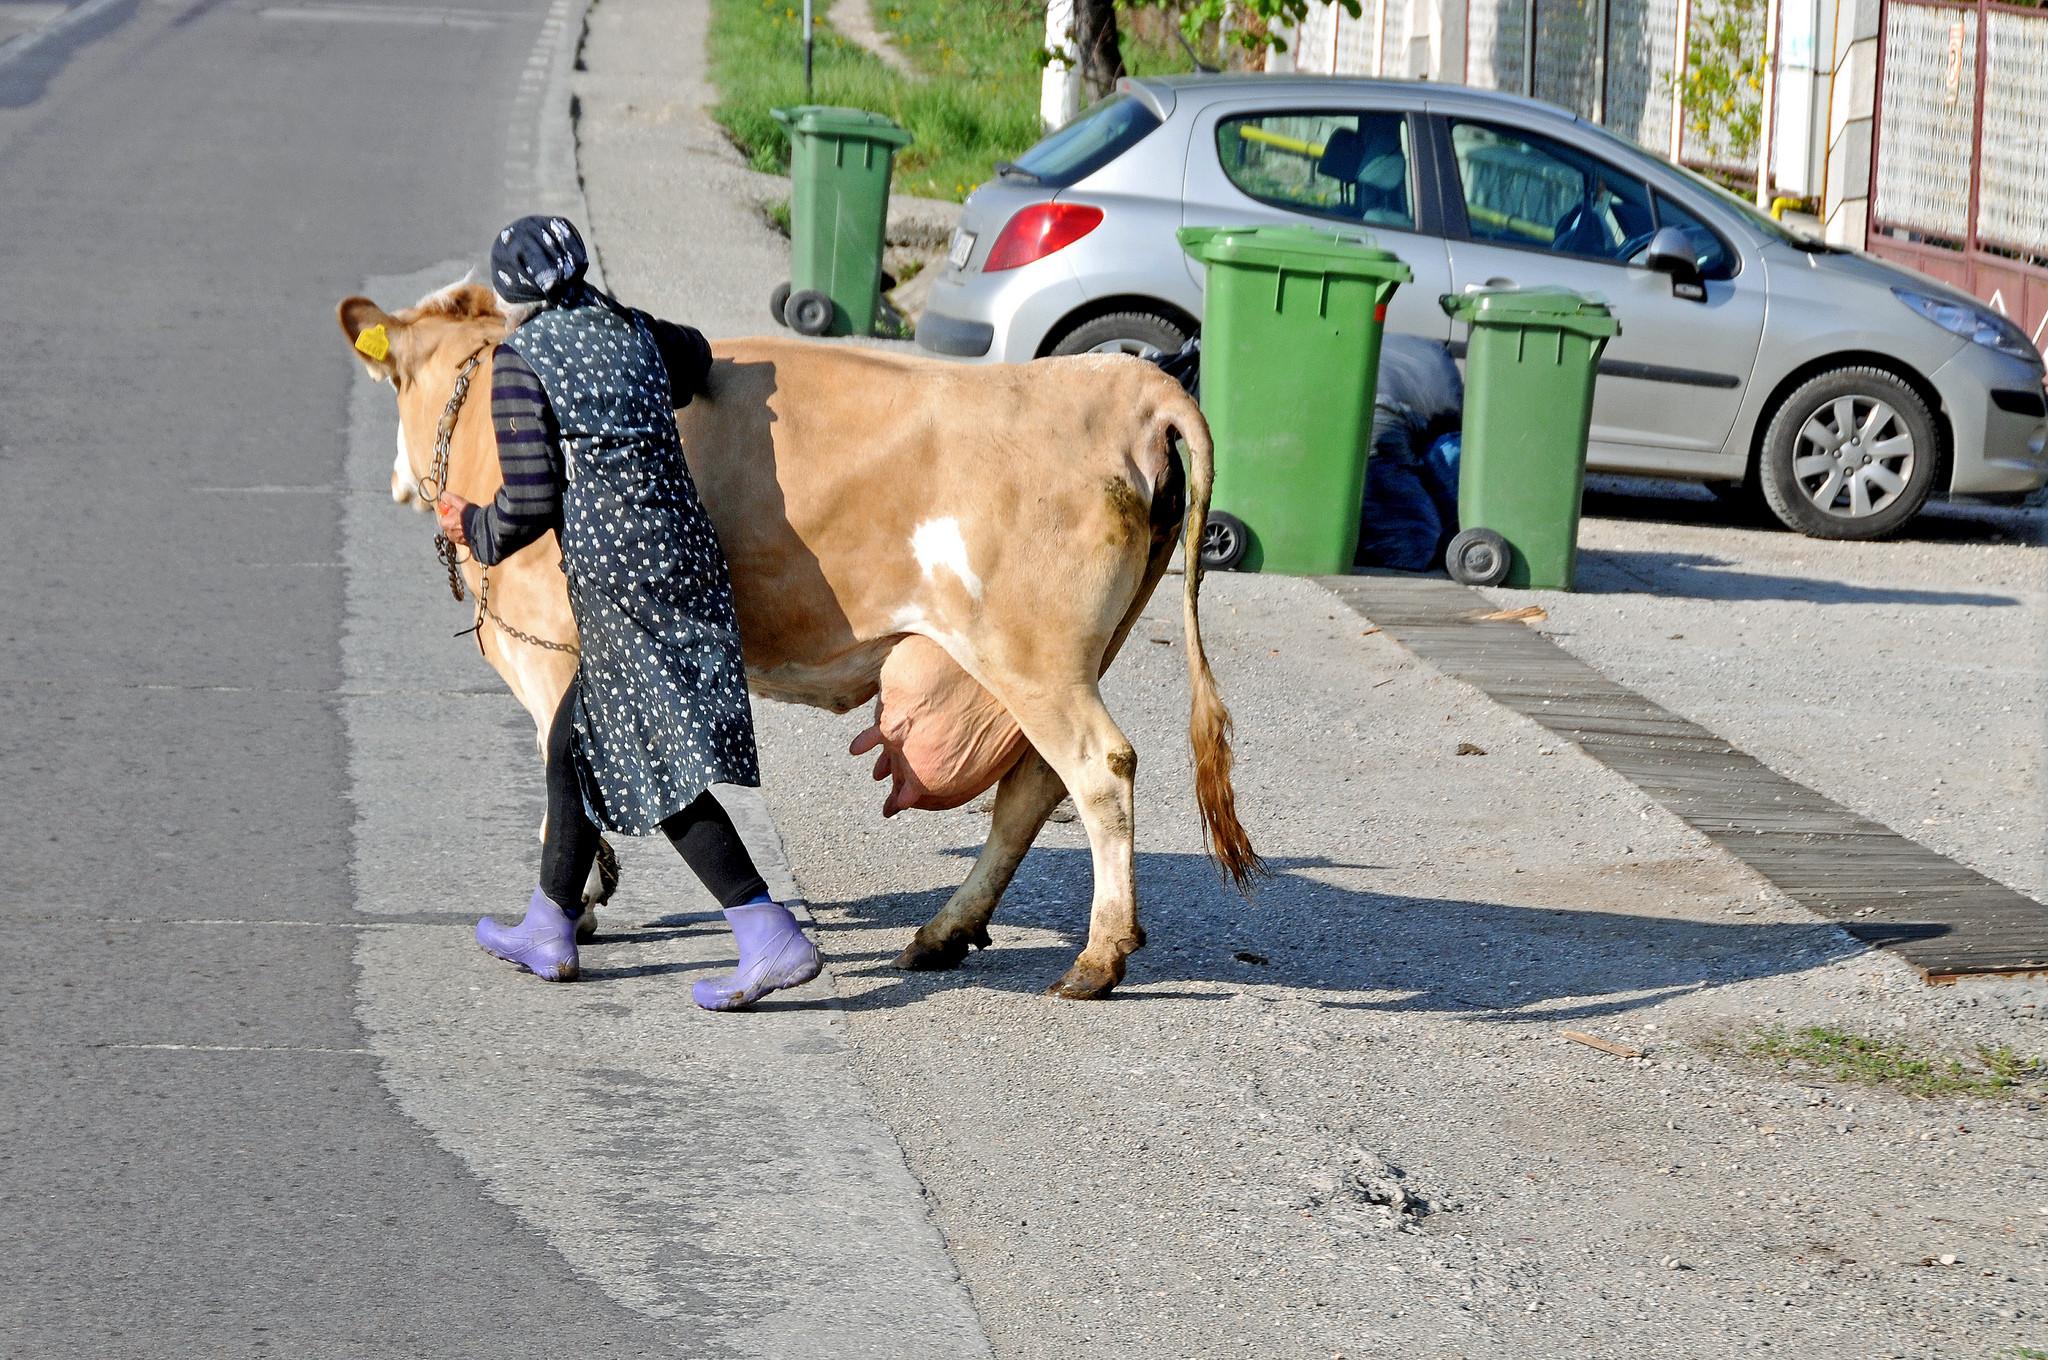 Een vrouw in de Roemeense plaats Brasov steekt de weg over. – ©  Dennis Jarvis / Flickr